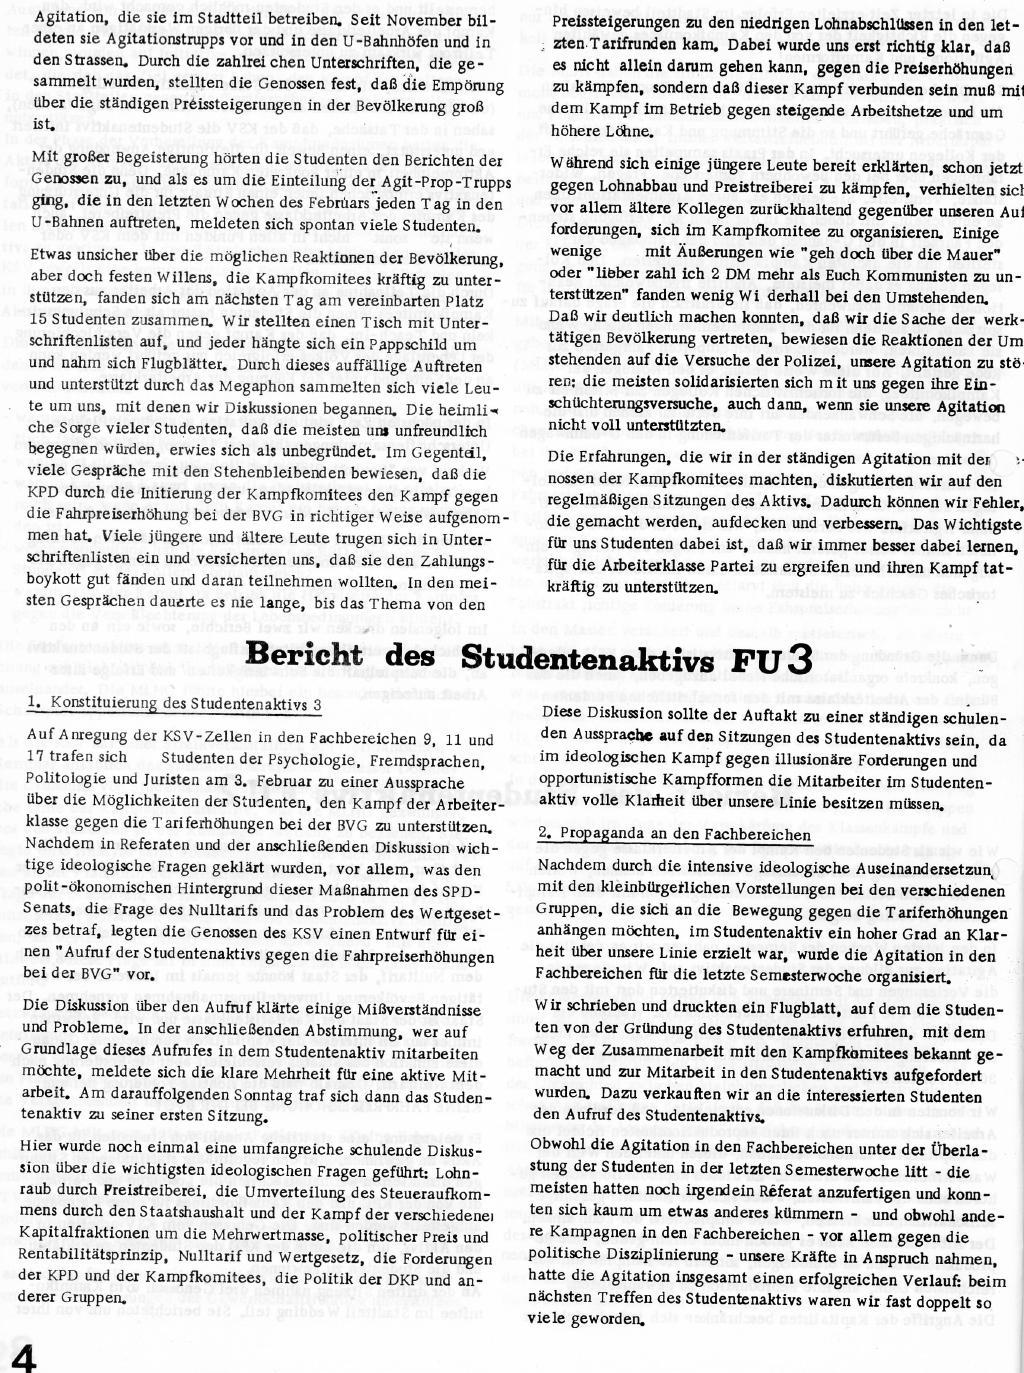 RPK_1972_156_04